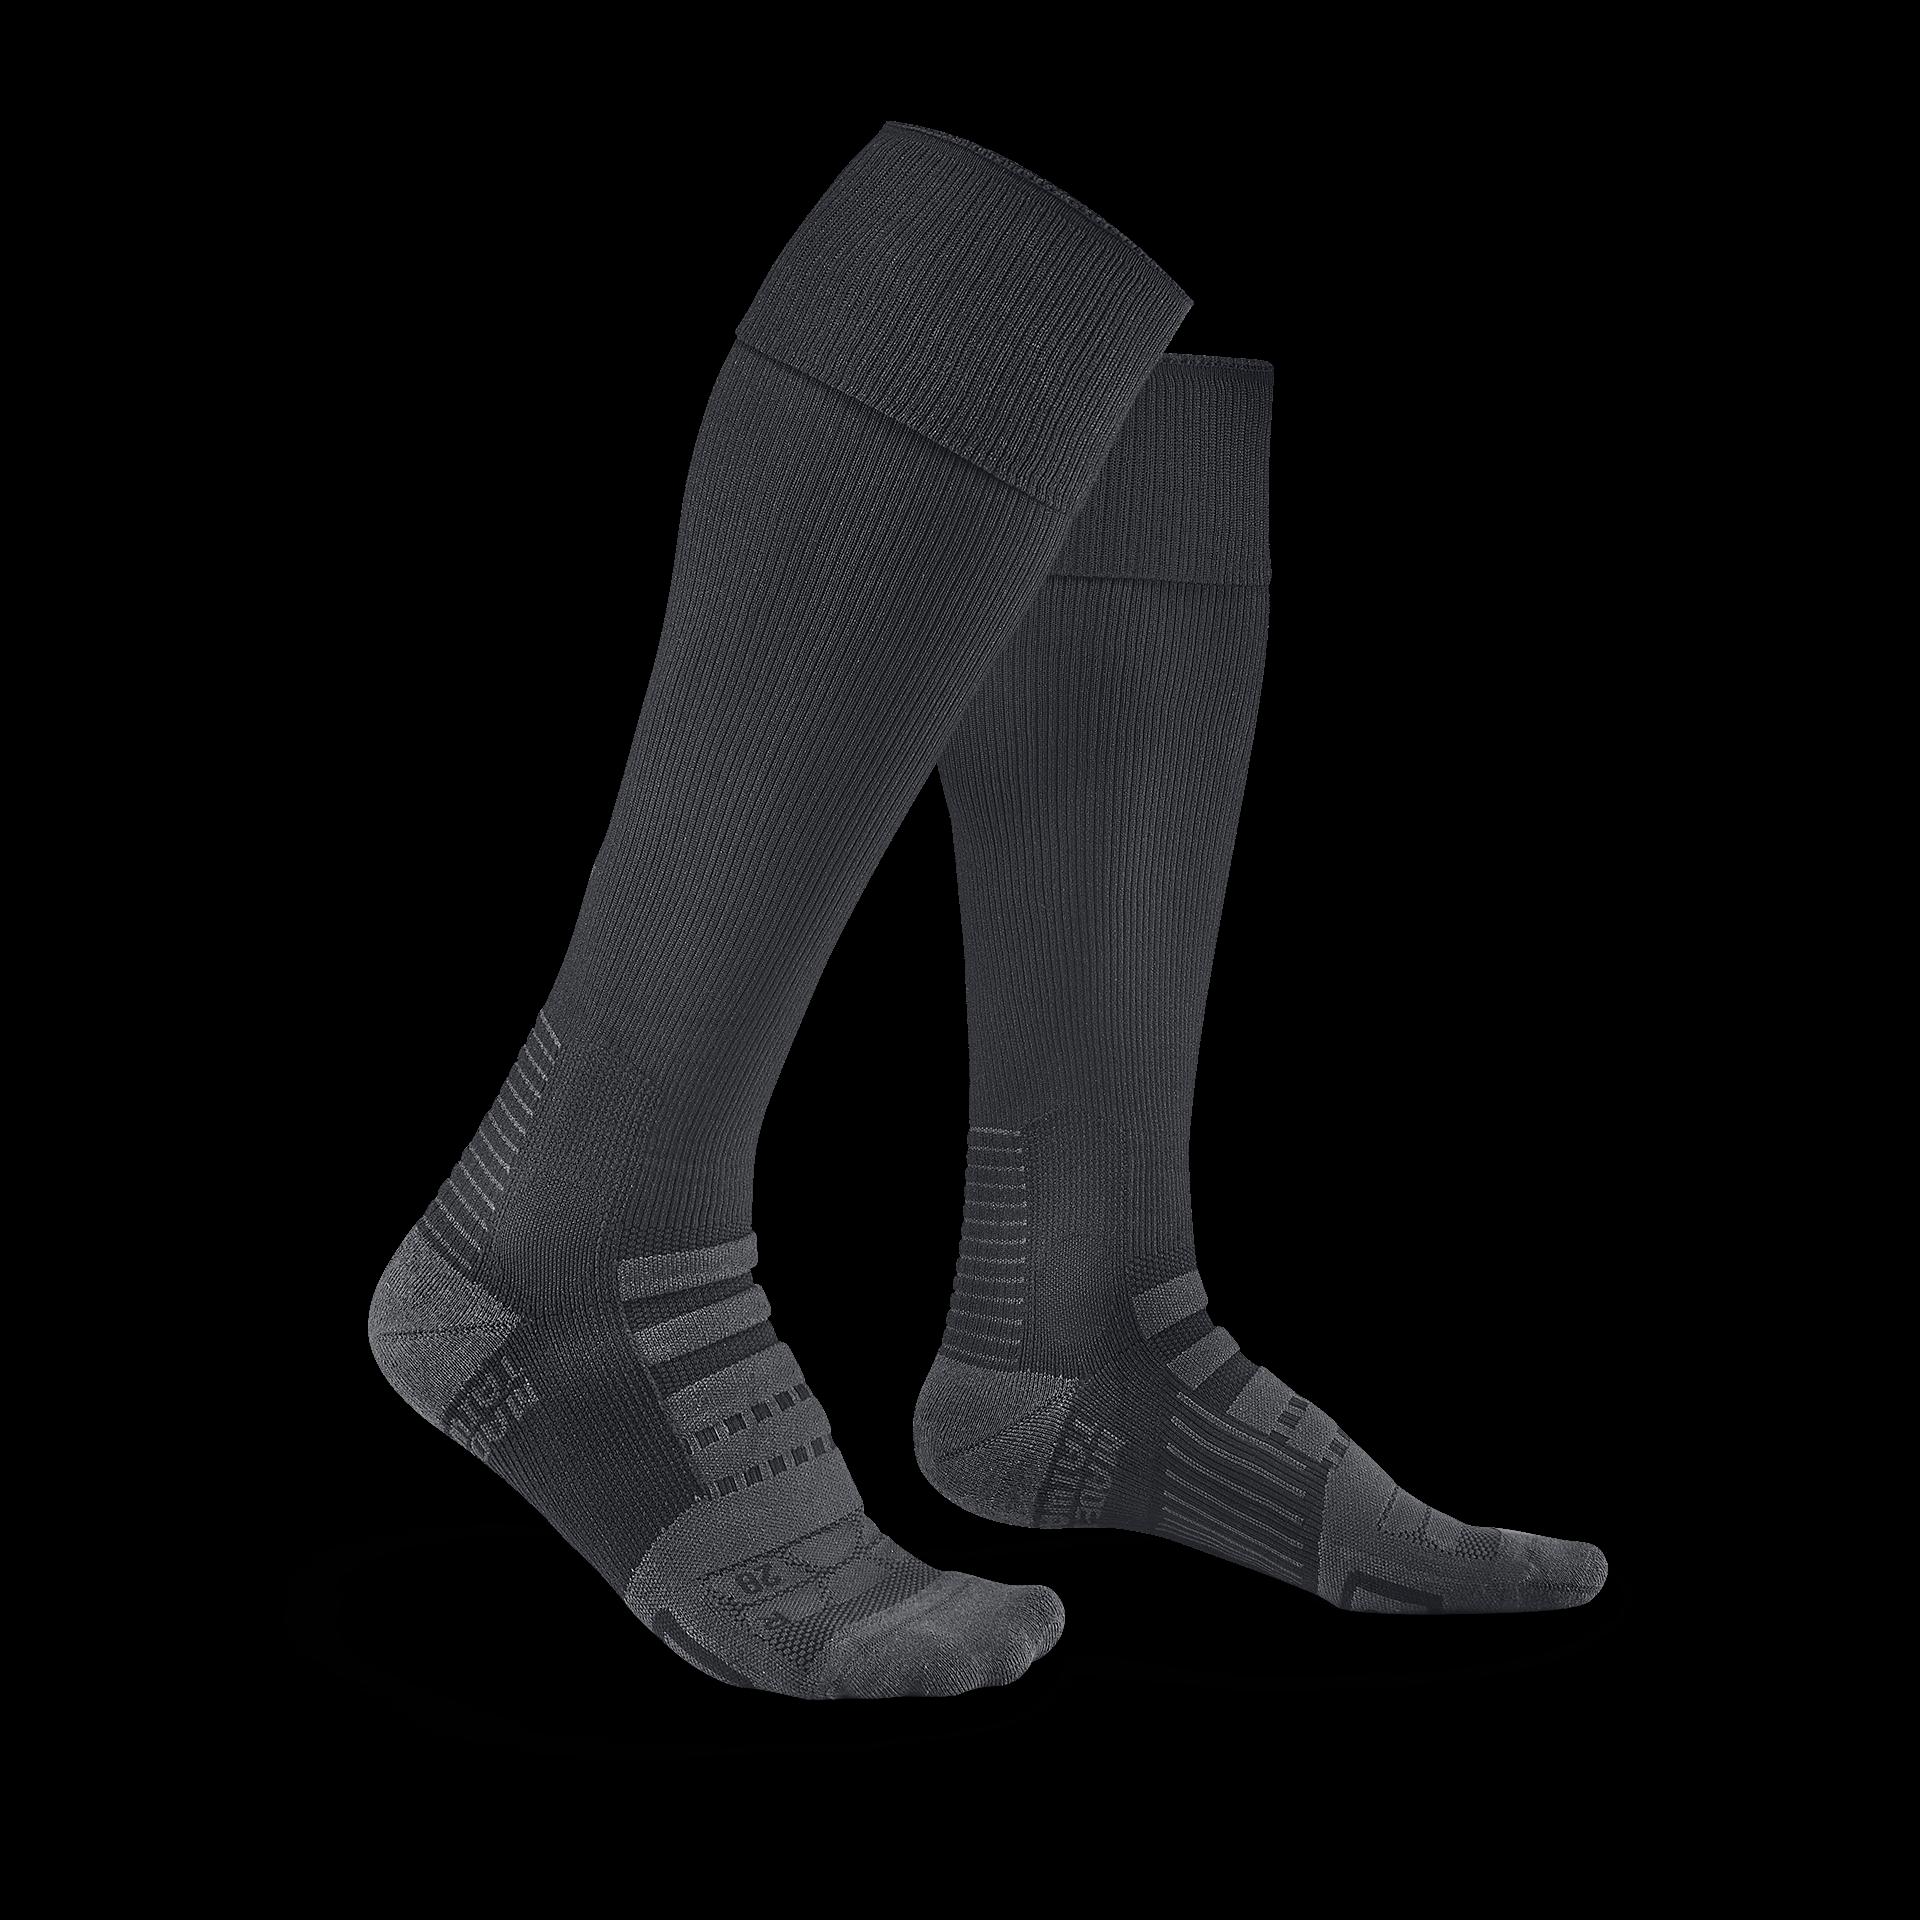 專業足球襪(及膝)